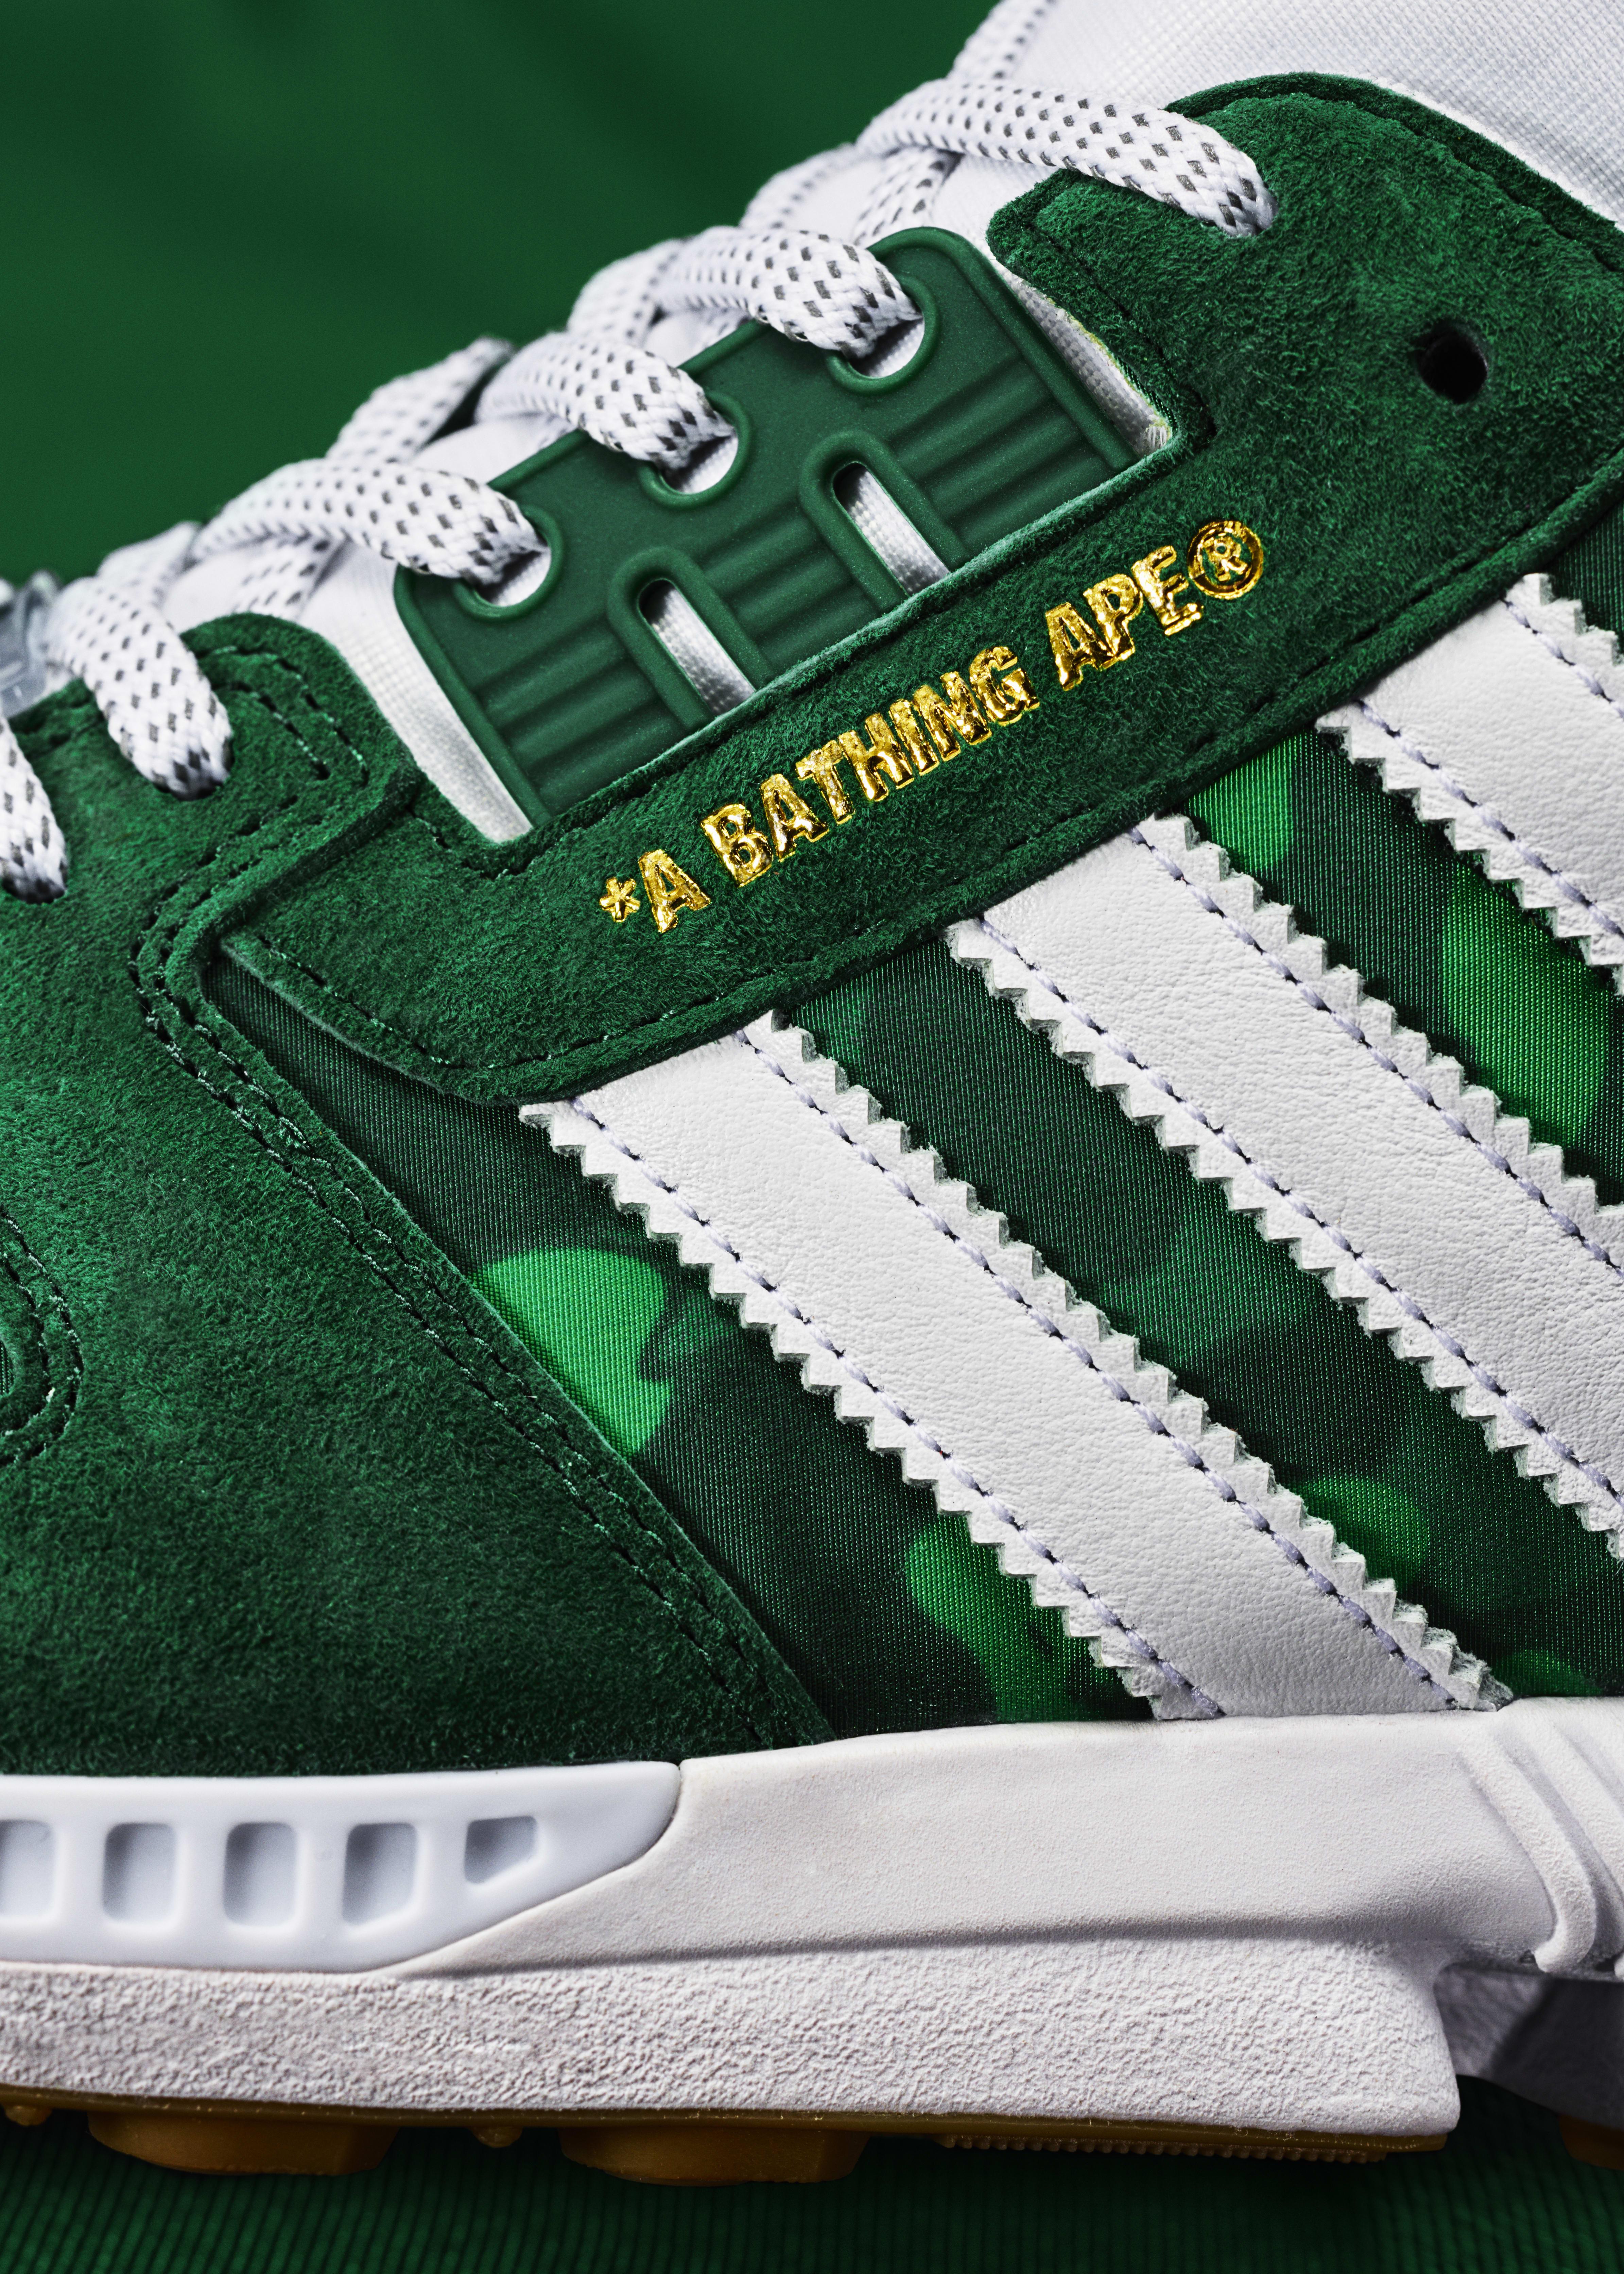 Bape x Undefeated x Adidas ZX 8000 FY8851 Side